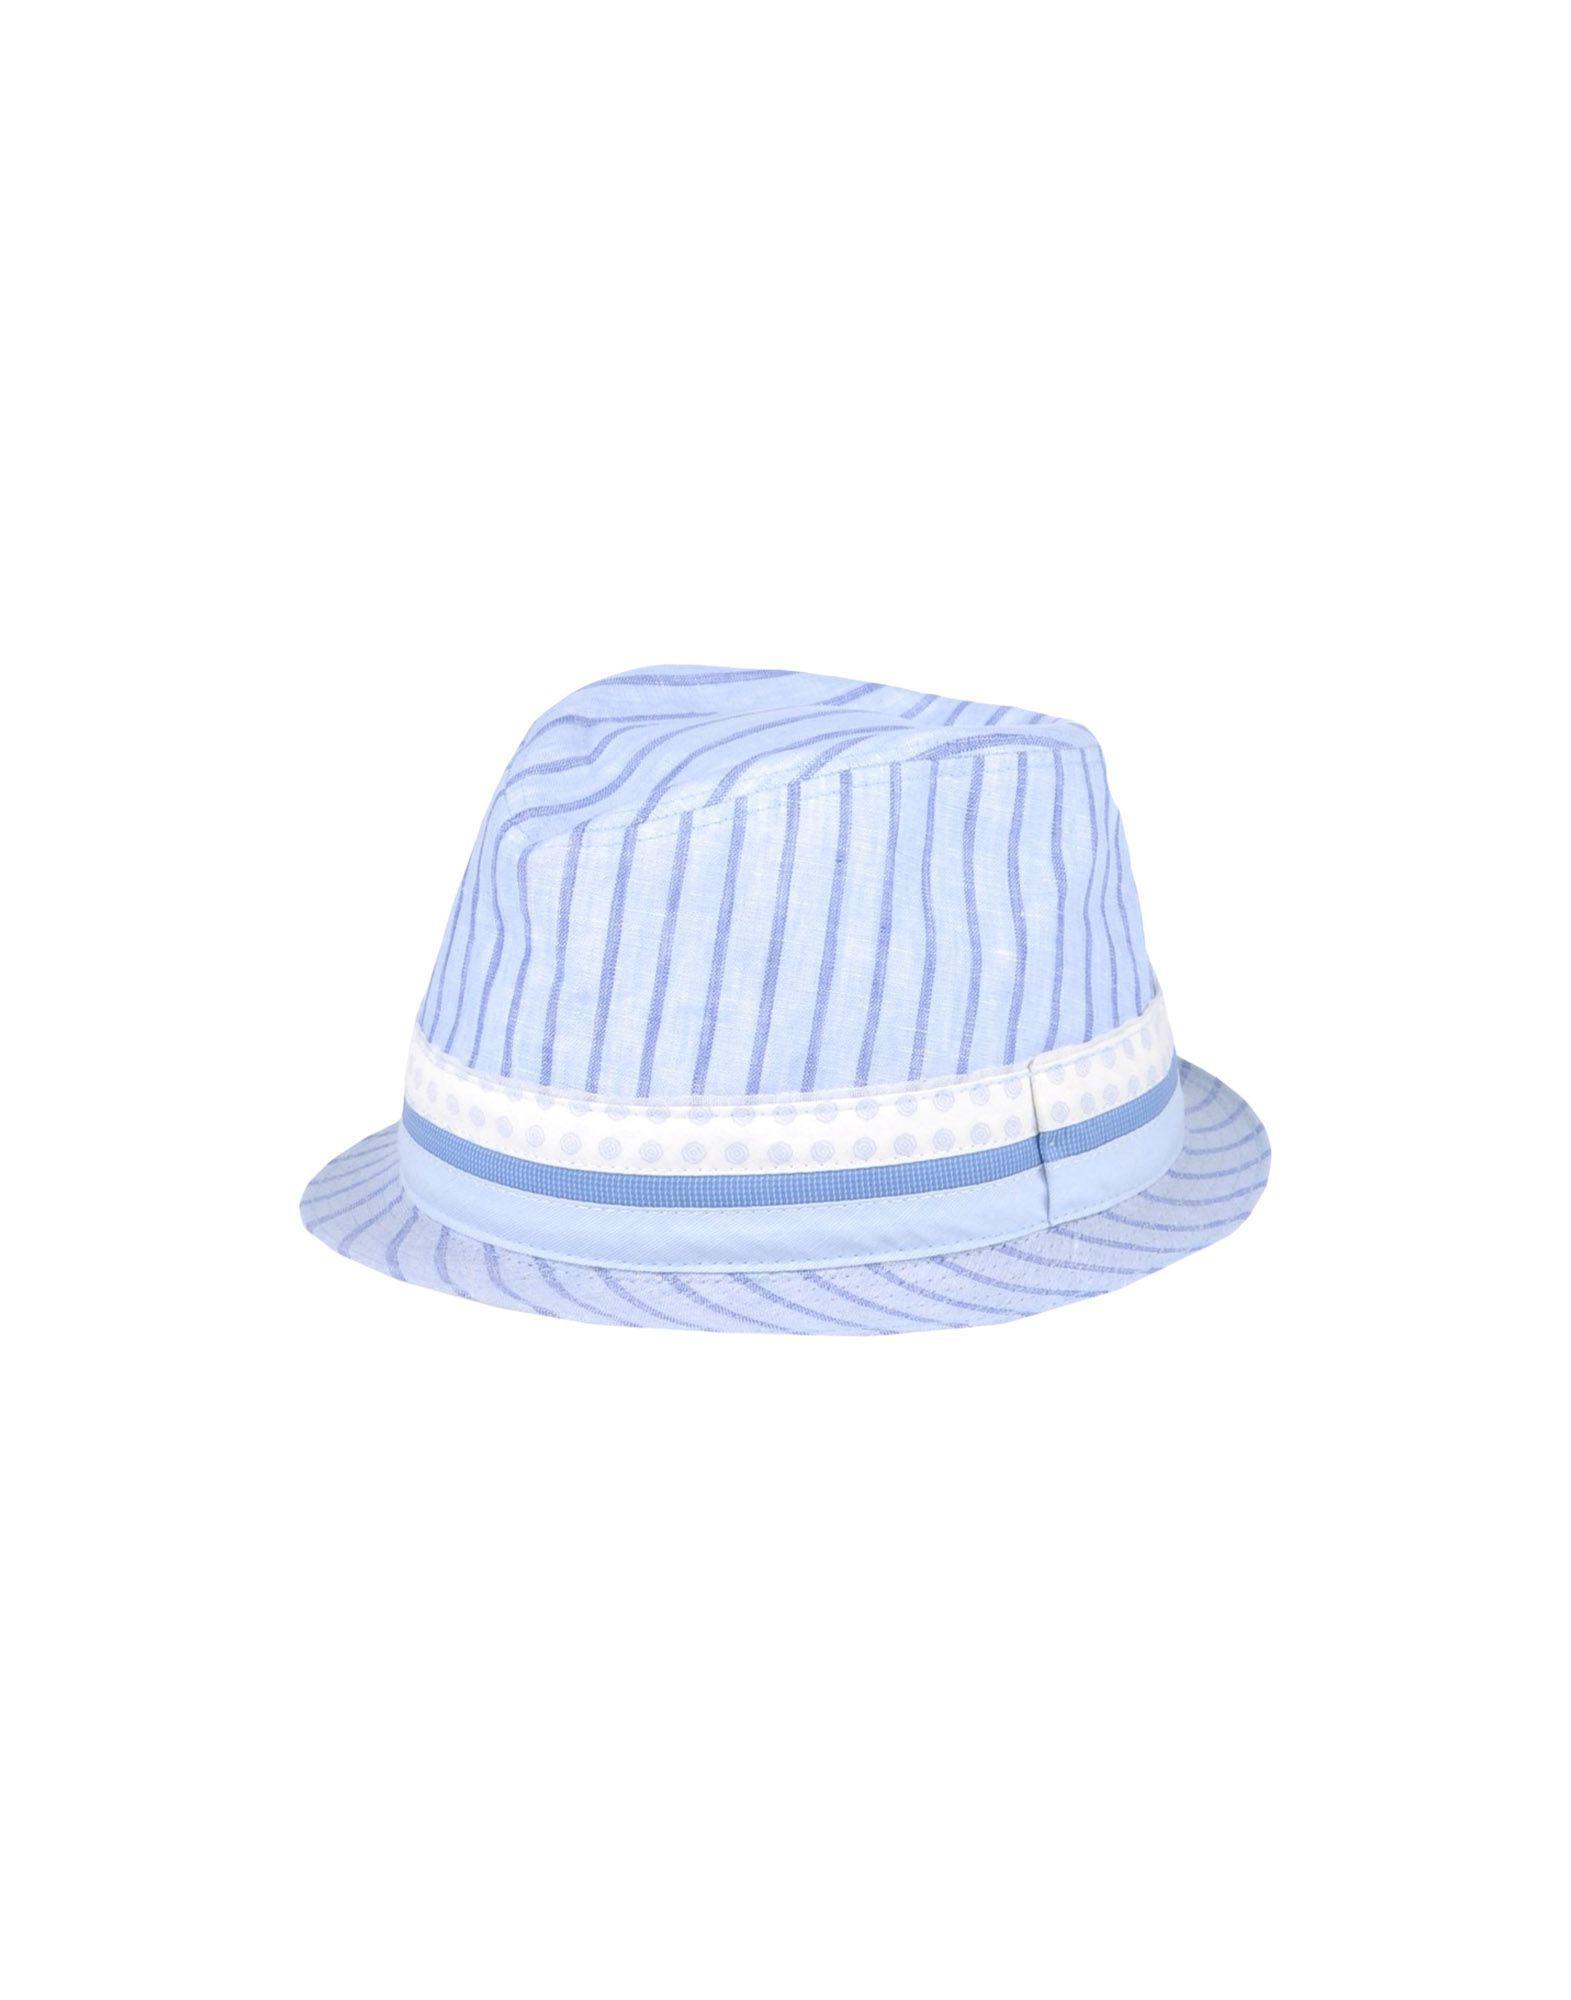 7a7f53bda09c1 COMME DES GARÇONS SHIRT HATS.  commedesgarçonsshirt